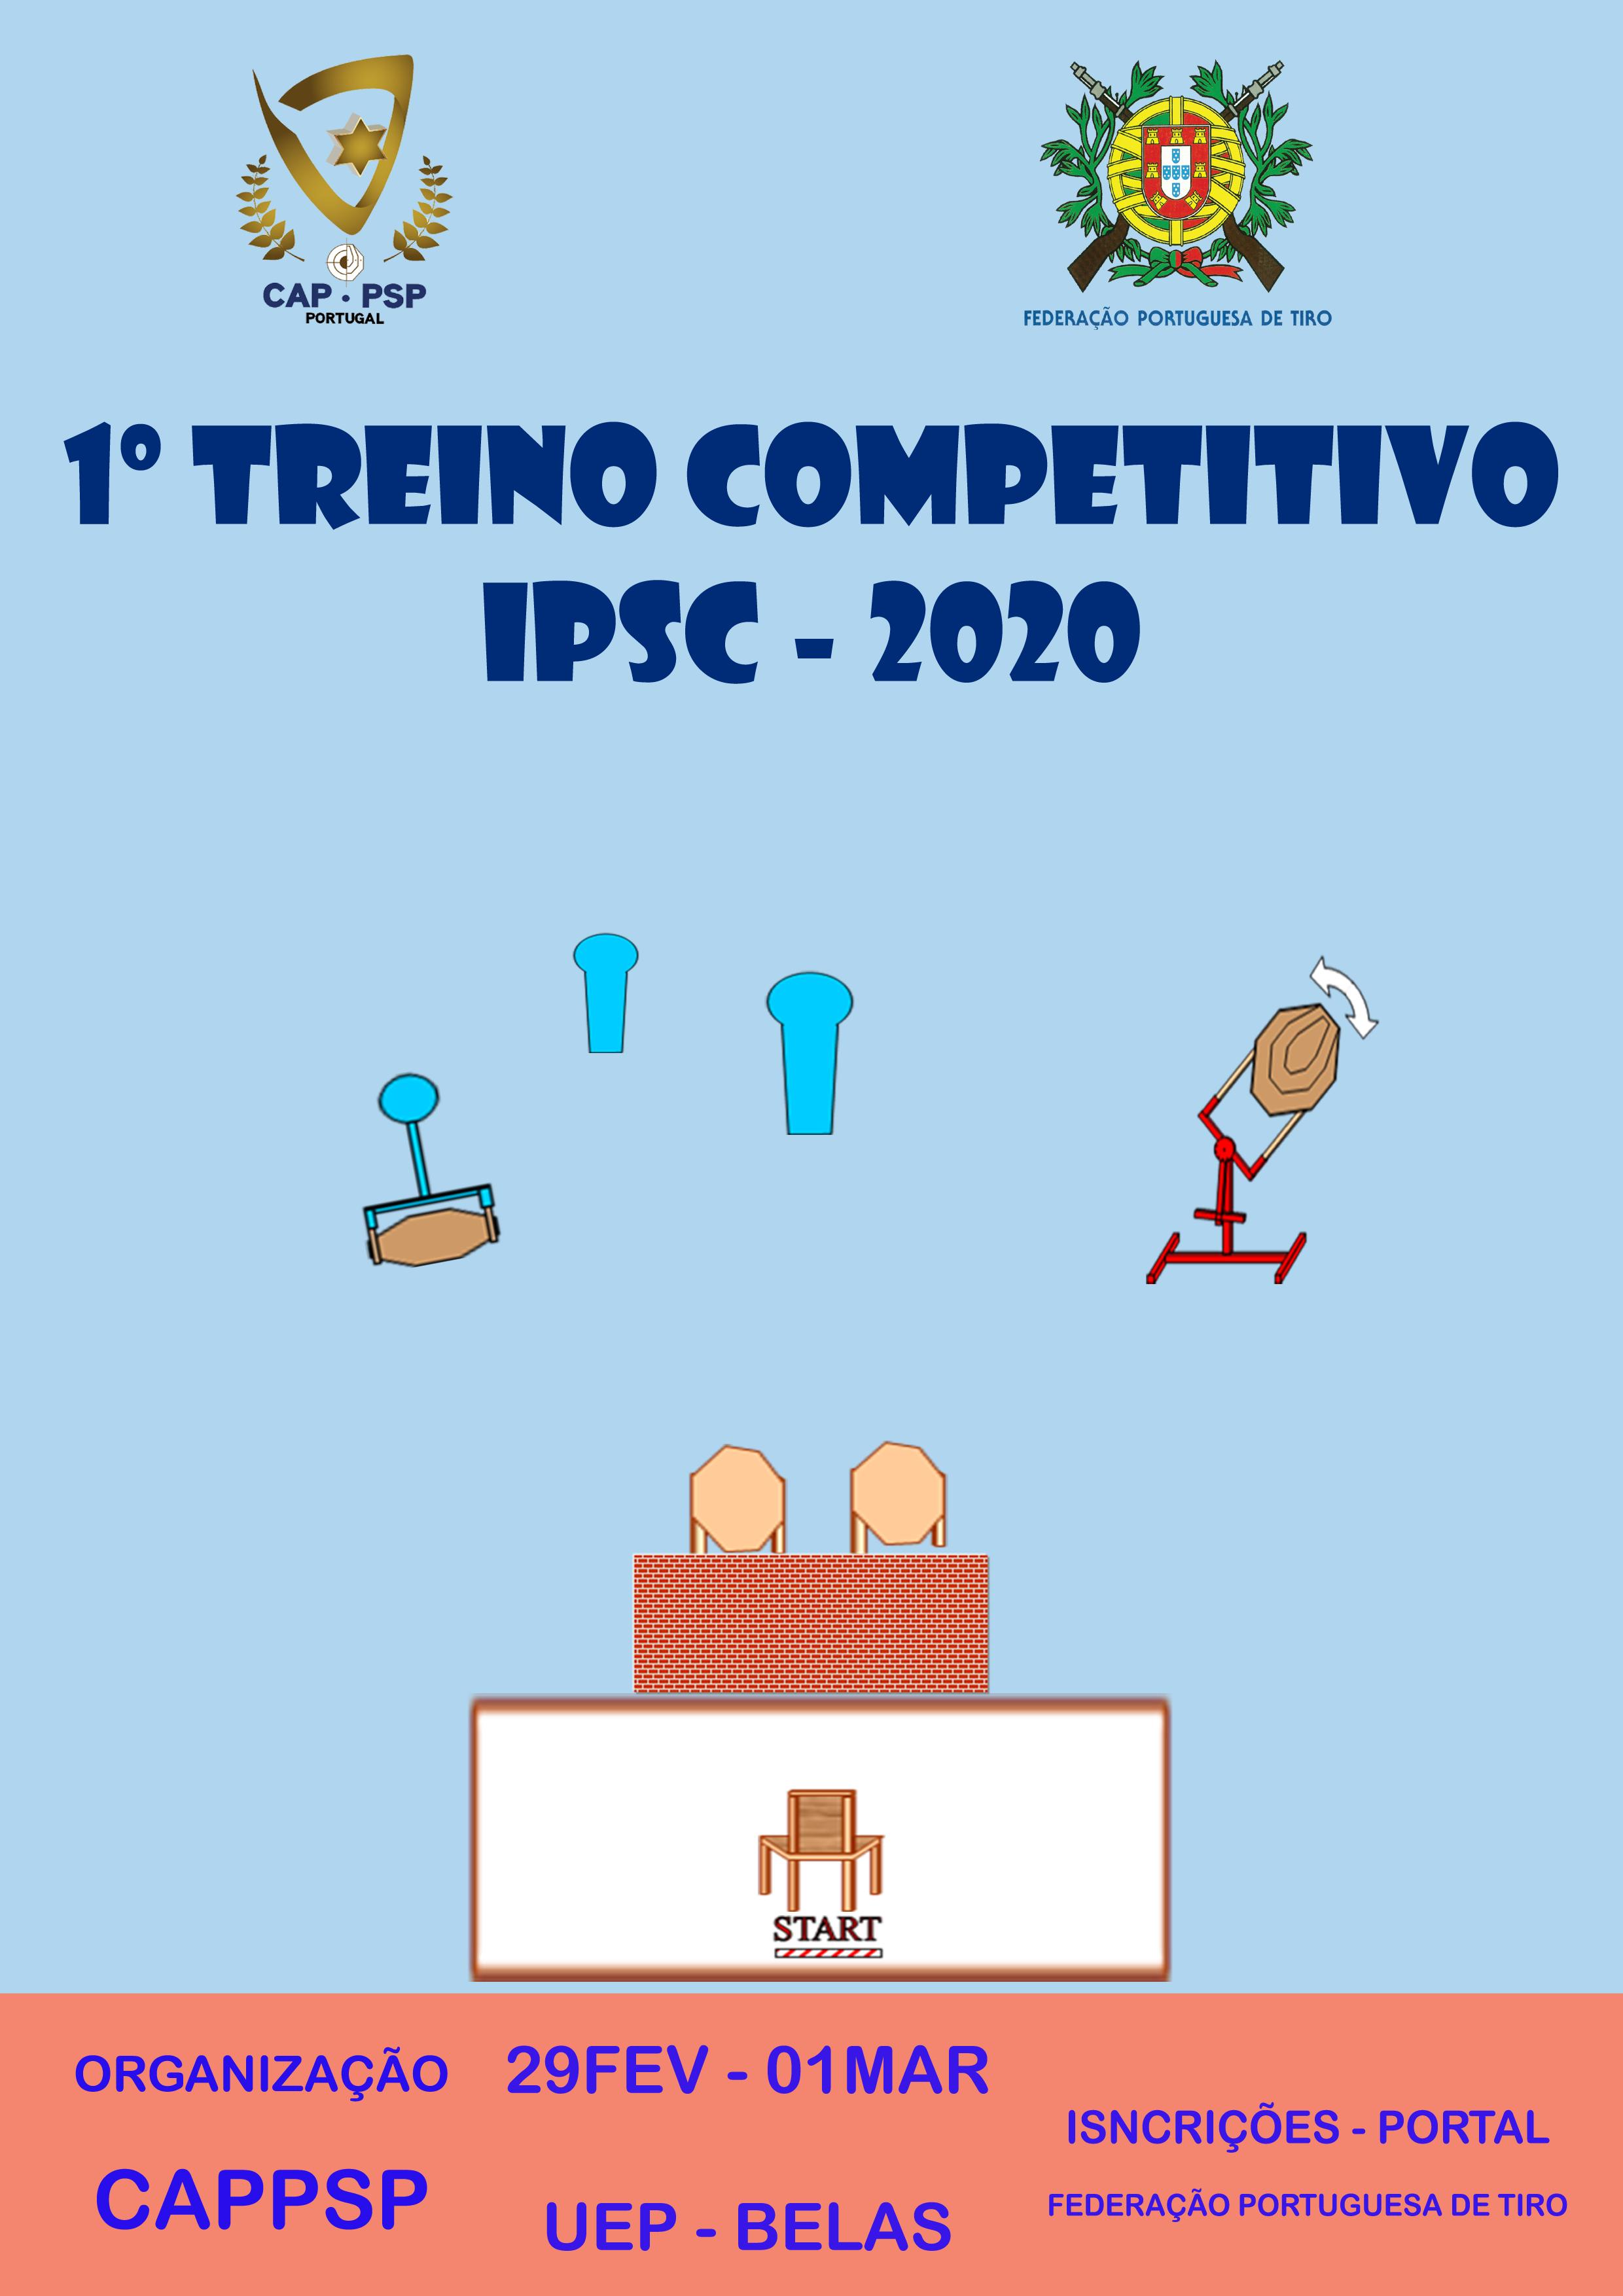 1ª Prova Treino IPSC CAPPSP 2020